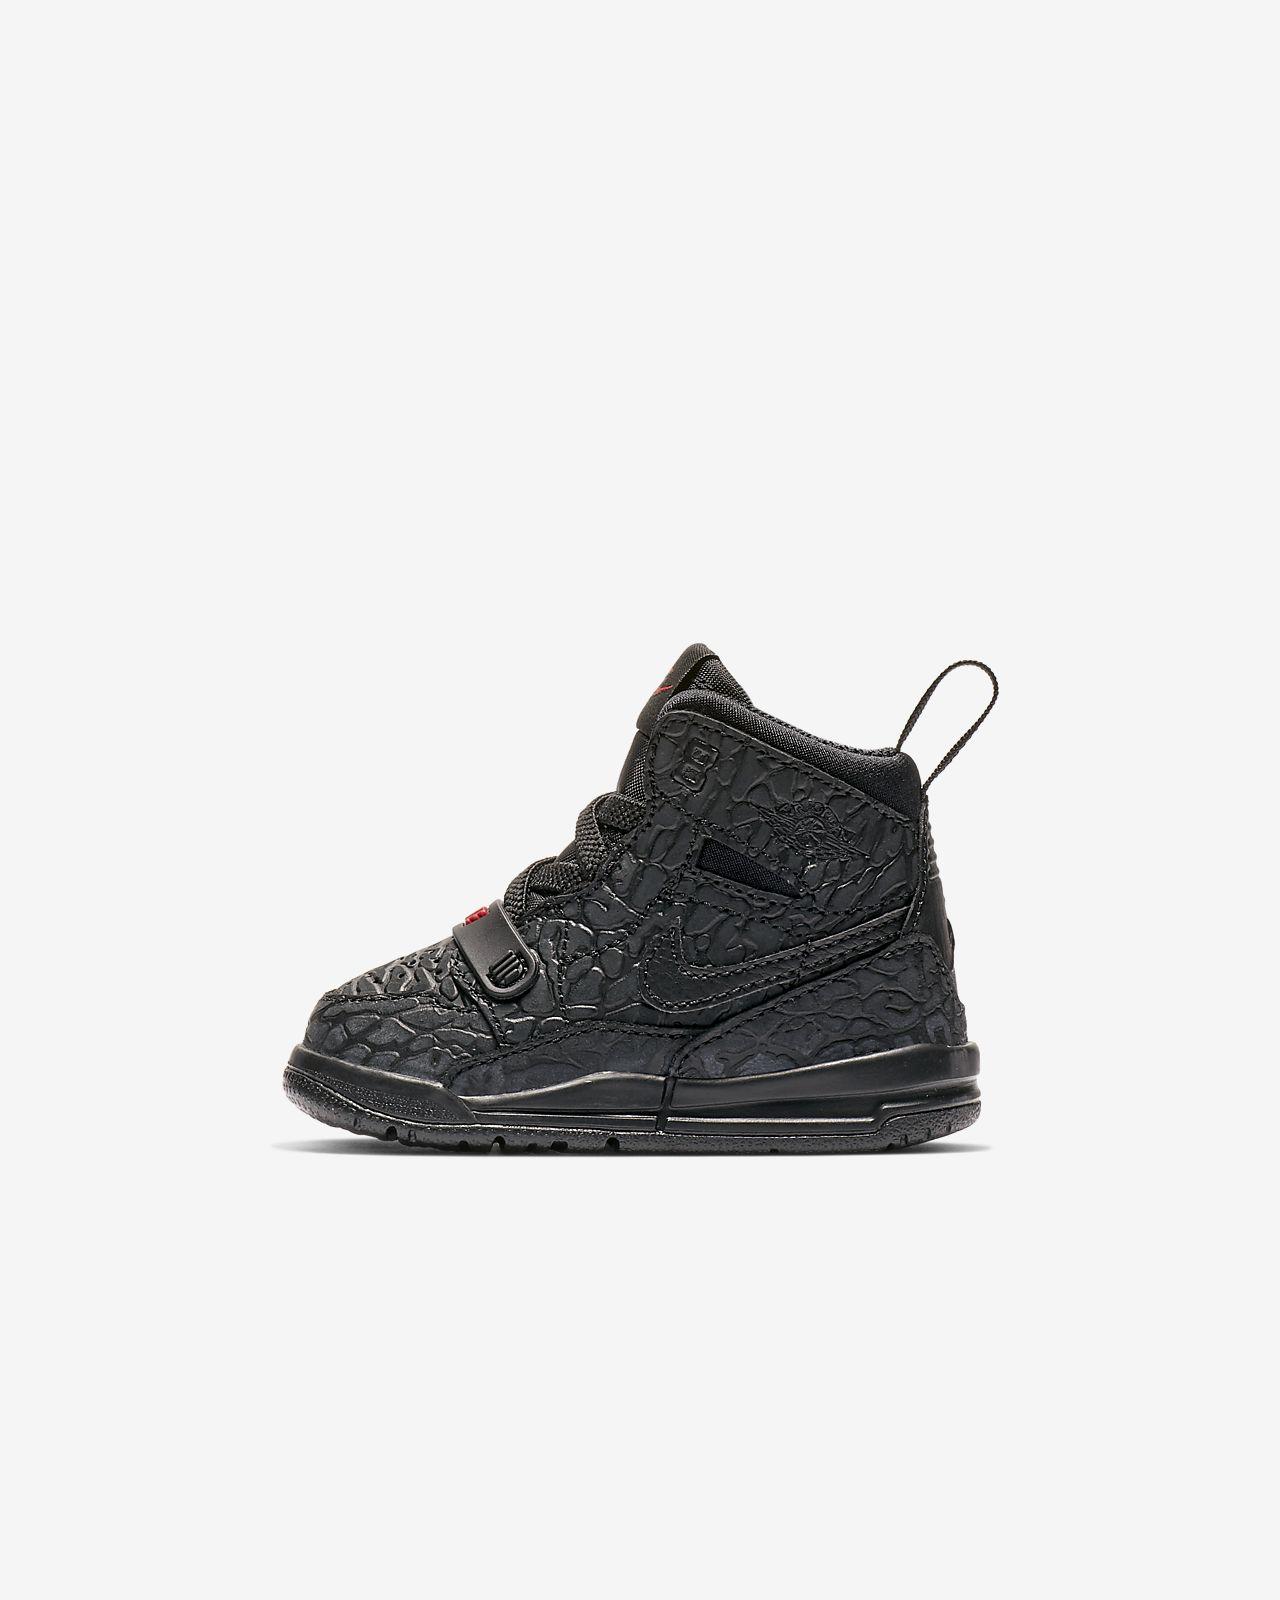 half off 6e497 b6988 ... Air Jordan Legacy 312 Zapatillas - Bebé e infantil